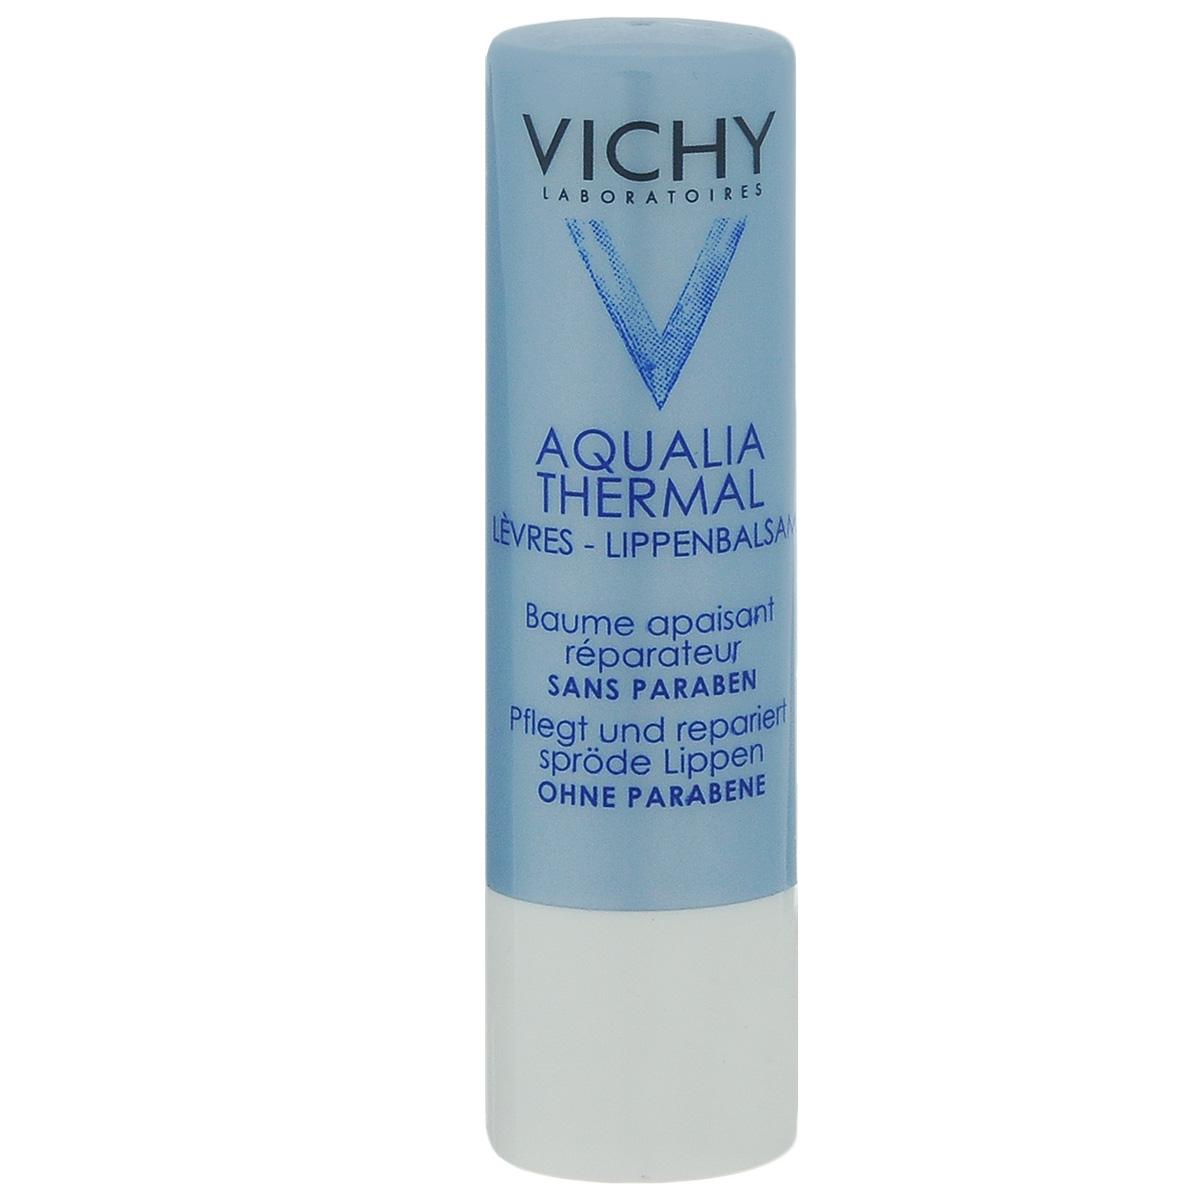 Vichy Aqualia Thermal Увлажняющий и восстанавливающий бальзам для губ Aqualia Thermal, 5 млM5044200Ультразащитная формула длительного действия позволяет бережно и деликатно ухаживать за сухой, потрескавшейся кожей губ. Губы отлично увлажнены, они становятся нежными и мягкими.